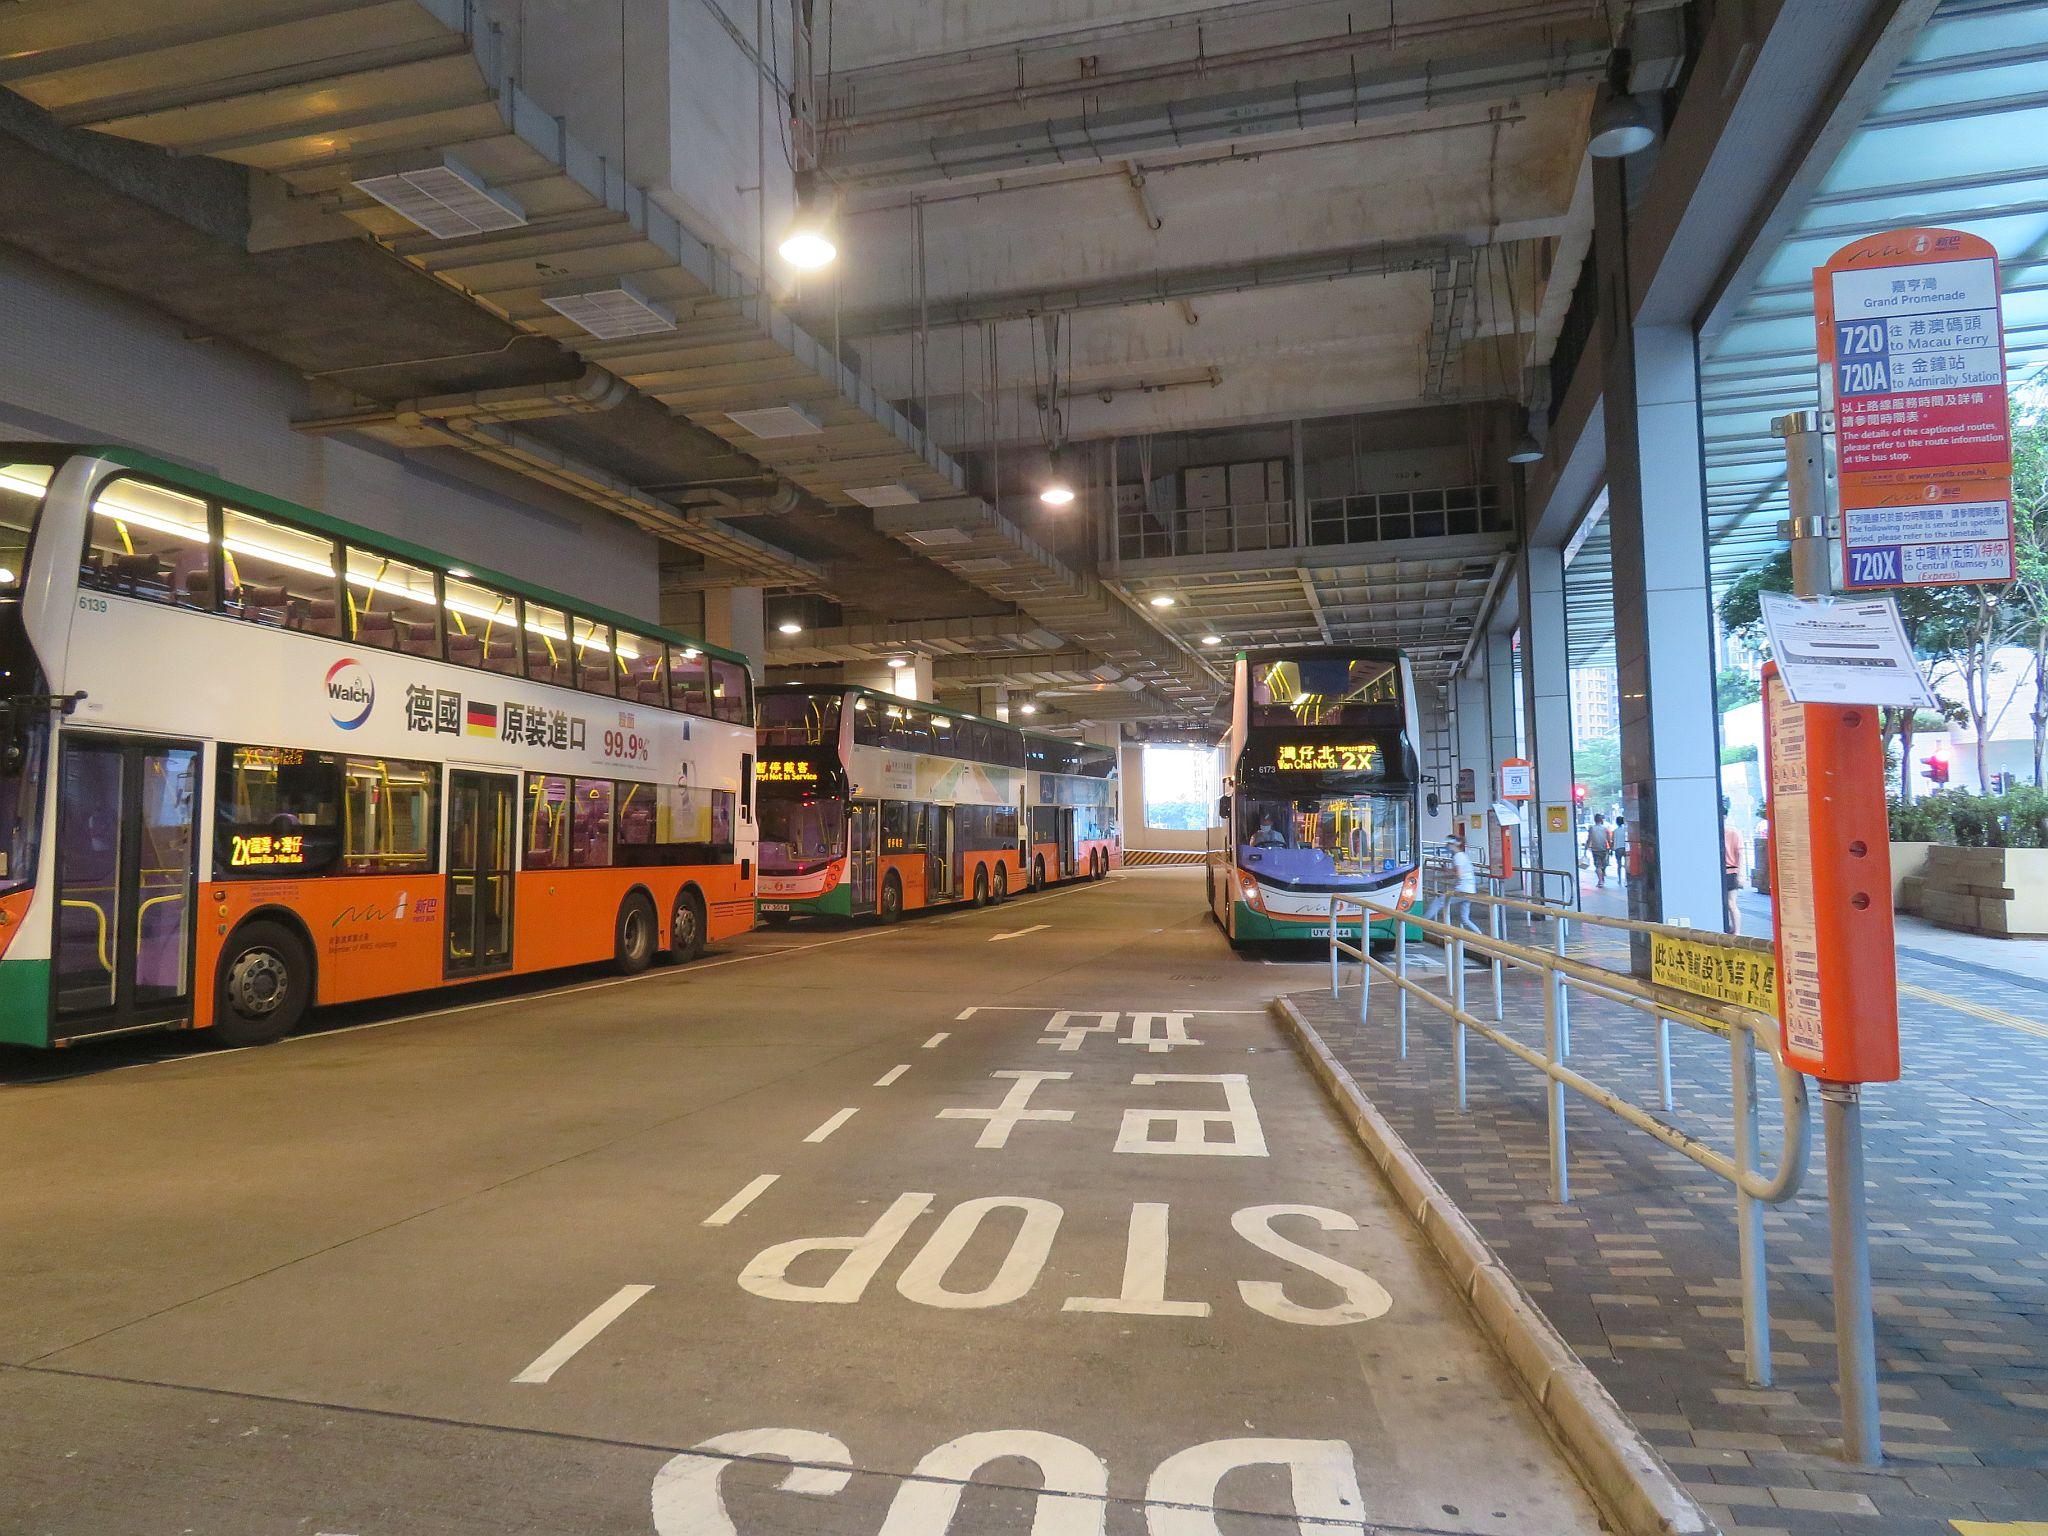 西灣河 (嘉亨灣) 公共運輸交匯處